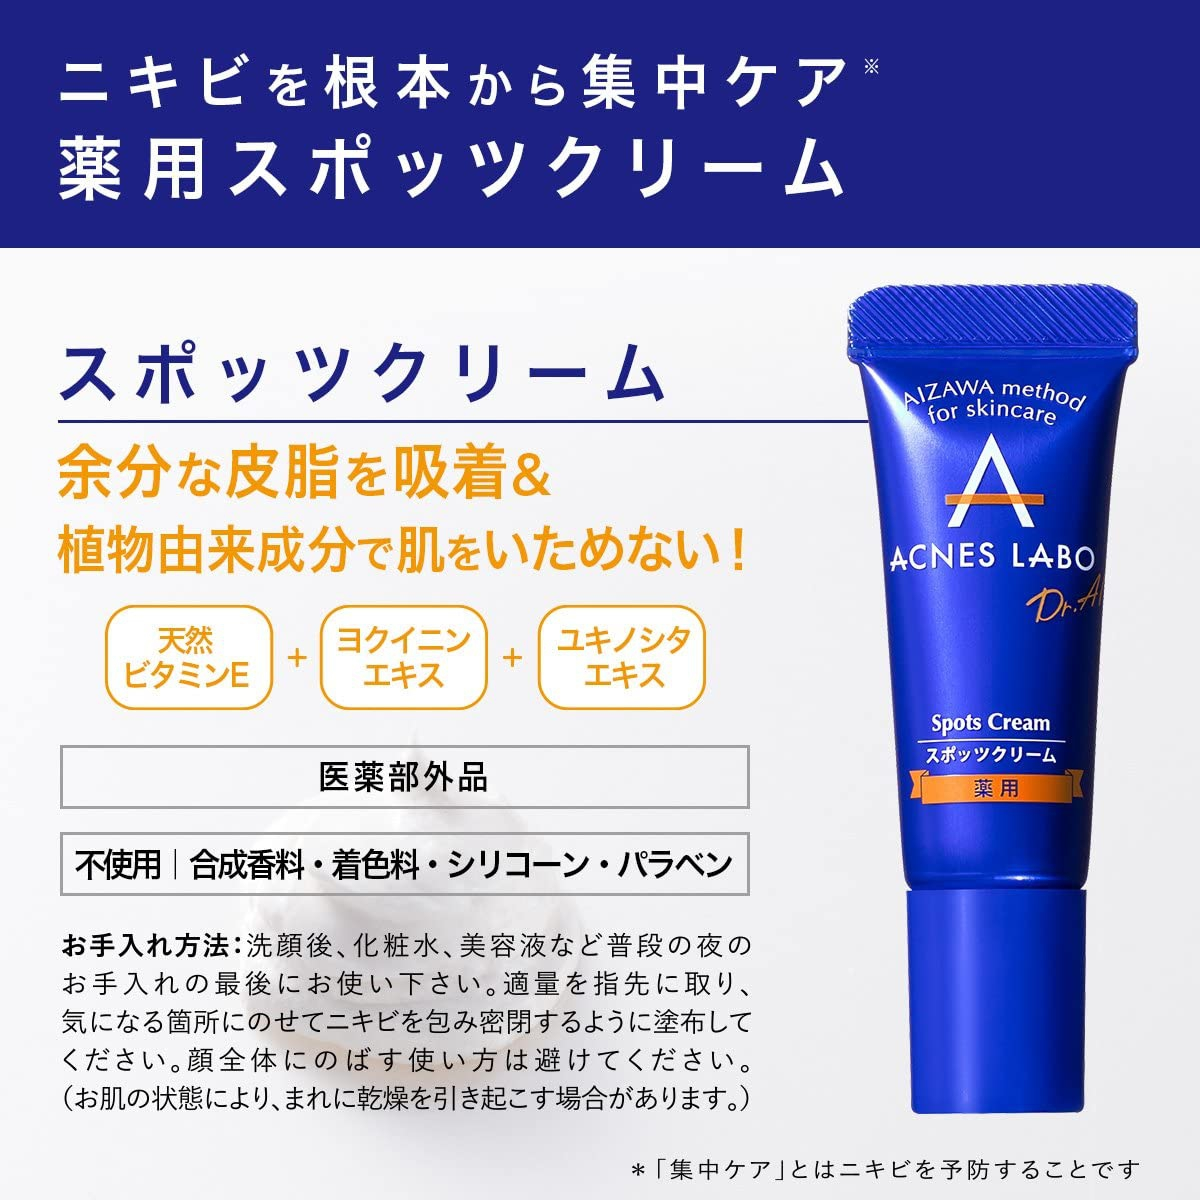 ACNES LABO(アクネスラボ) スポッツクリームの商品画像4